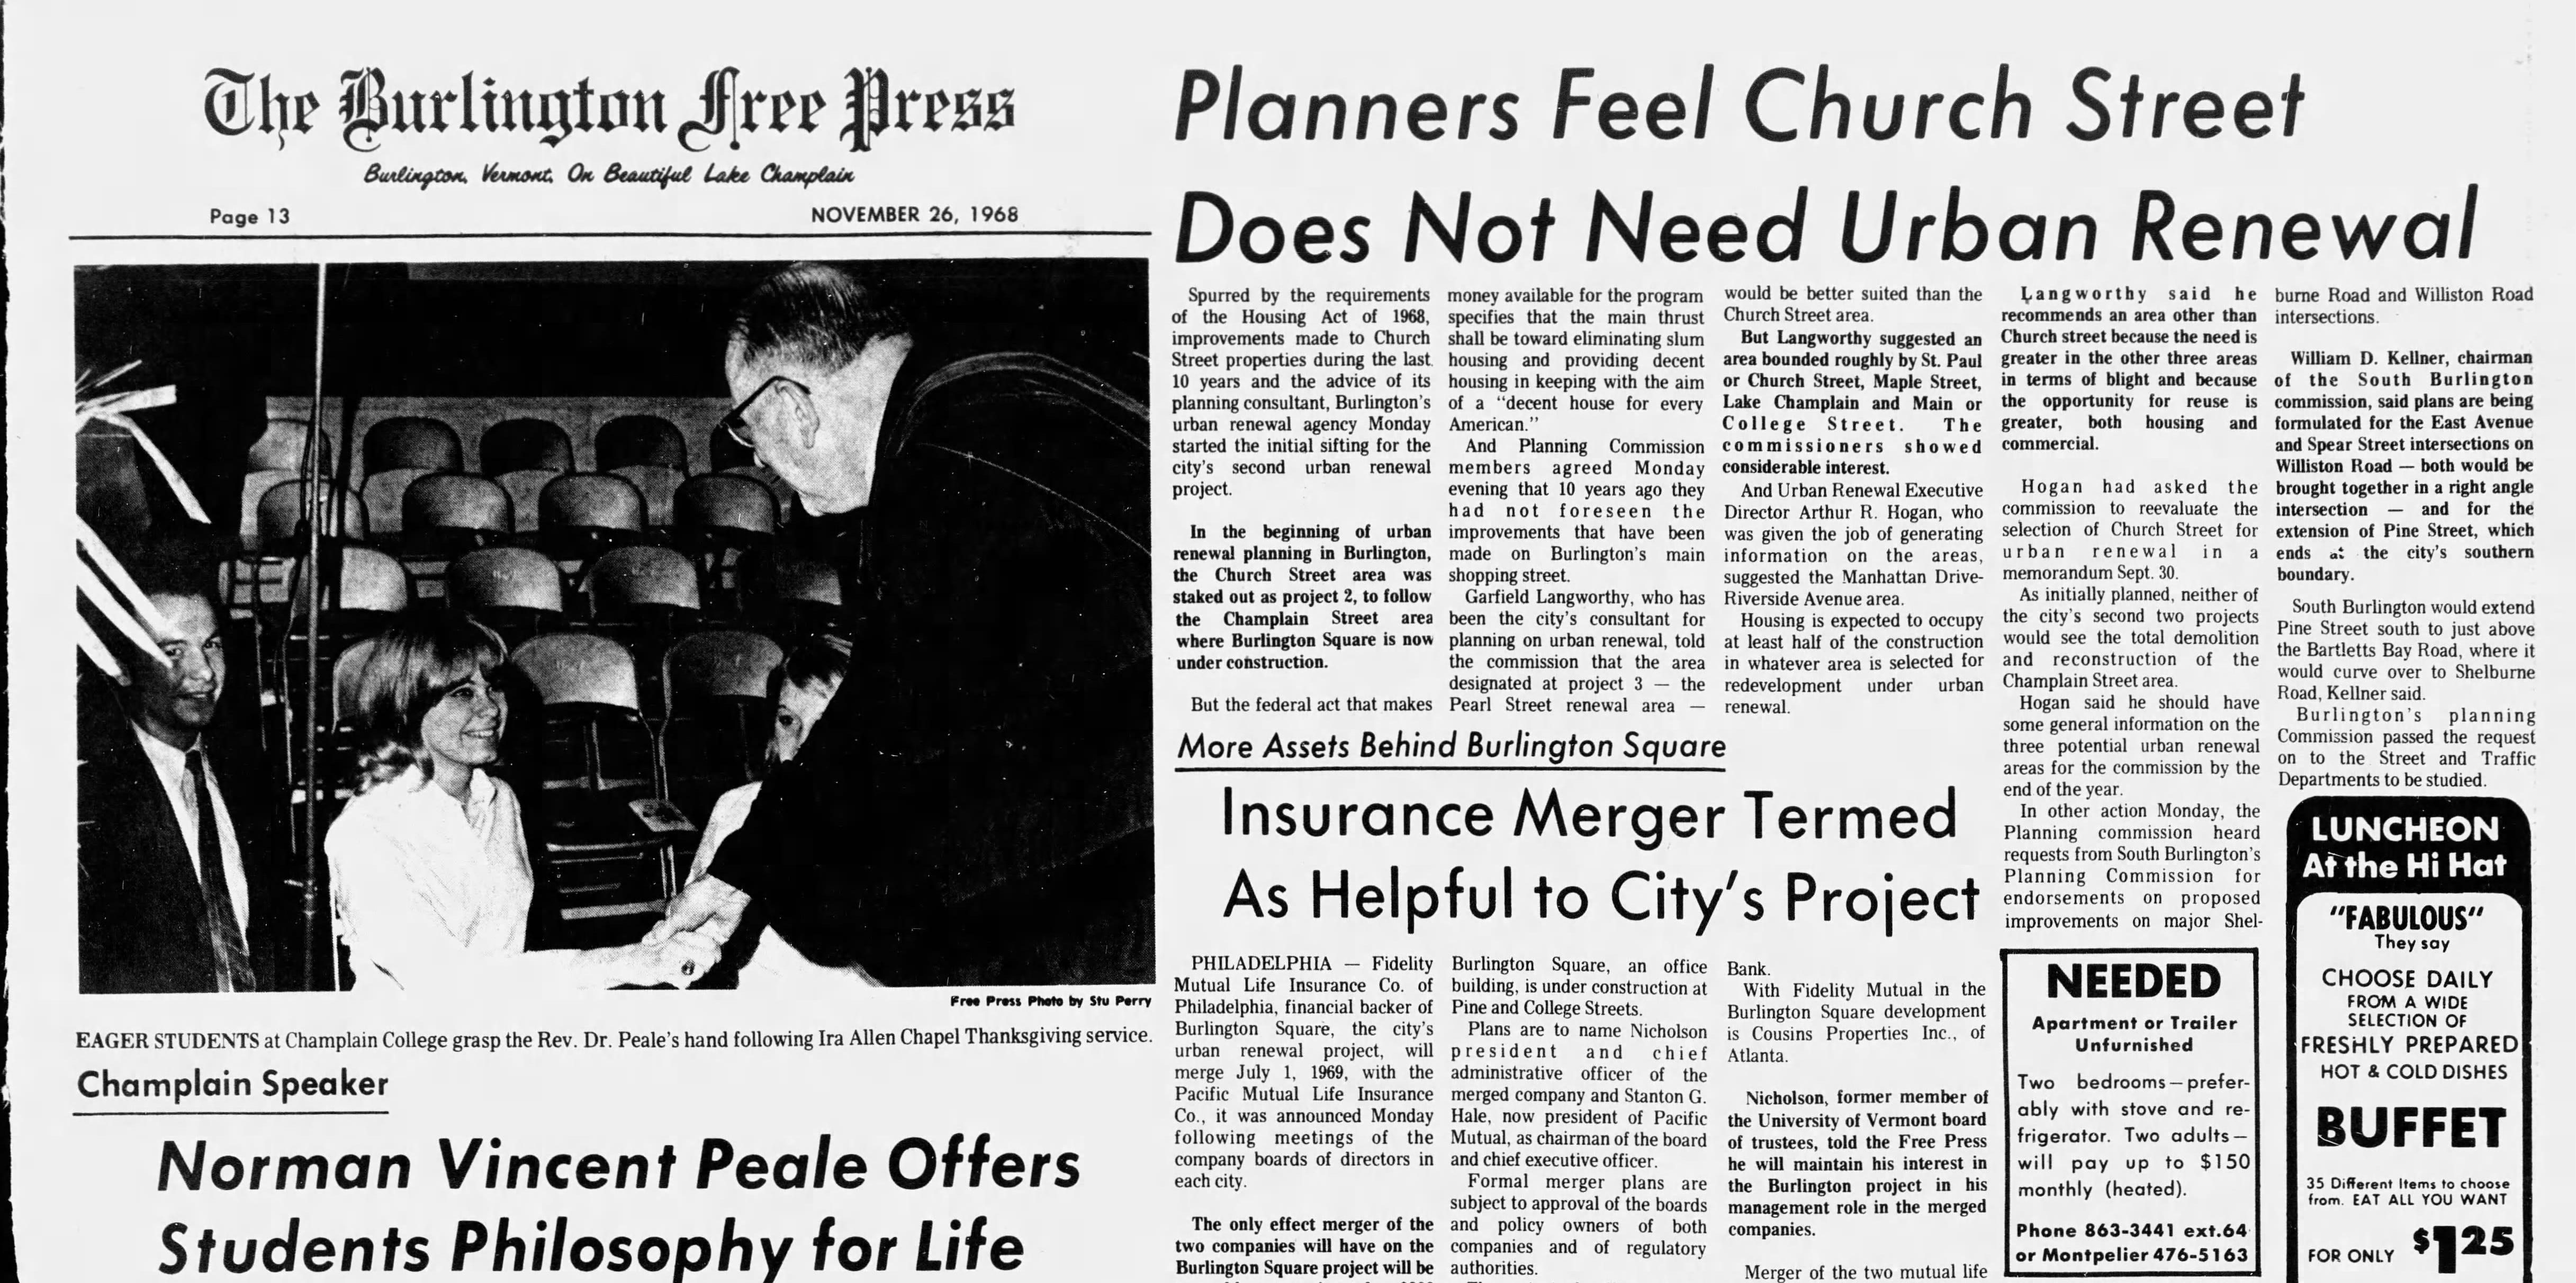 Burlington Free Press, Tues. Nov. 25, 1968.